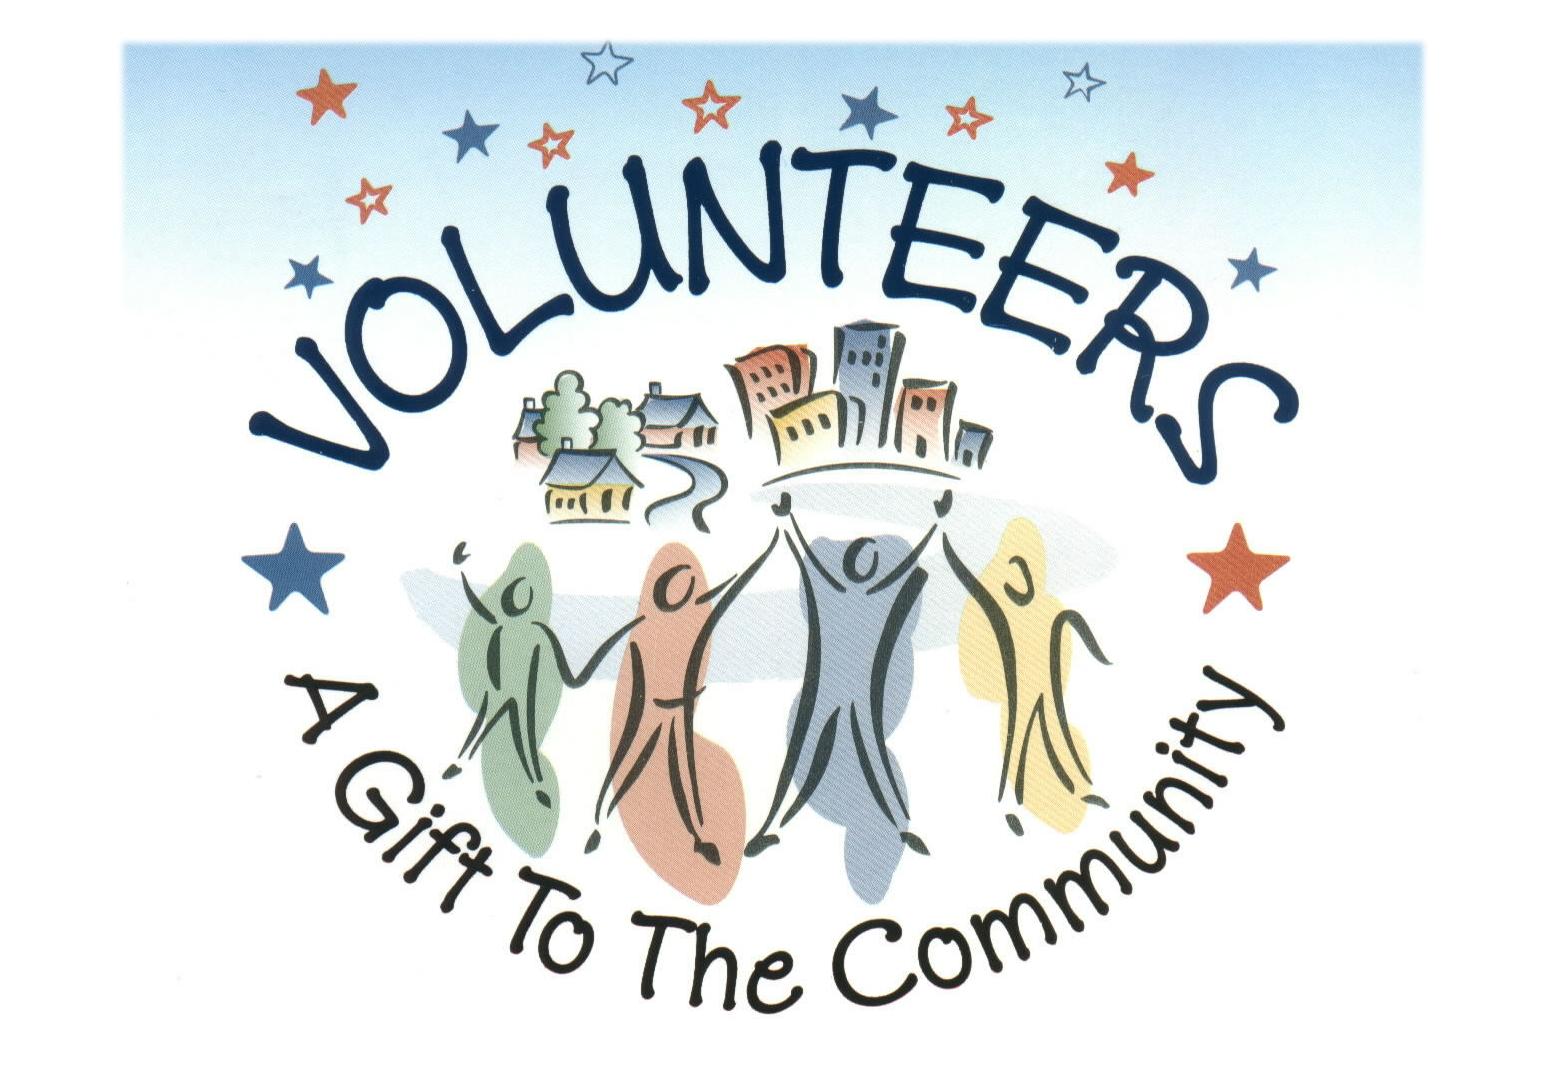 Anwar S Reflections Trenton Area Volunteer Organizations